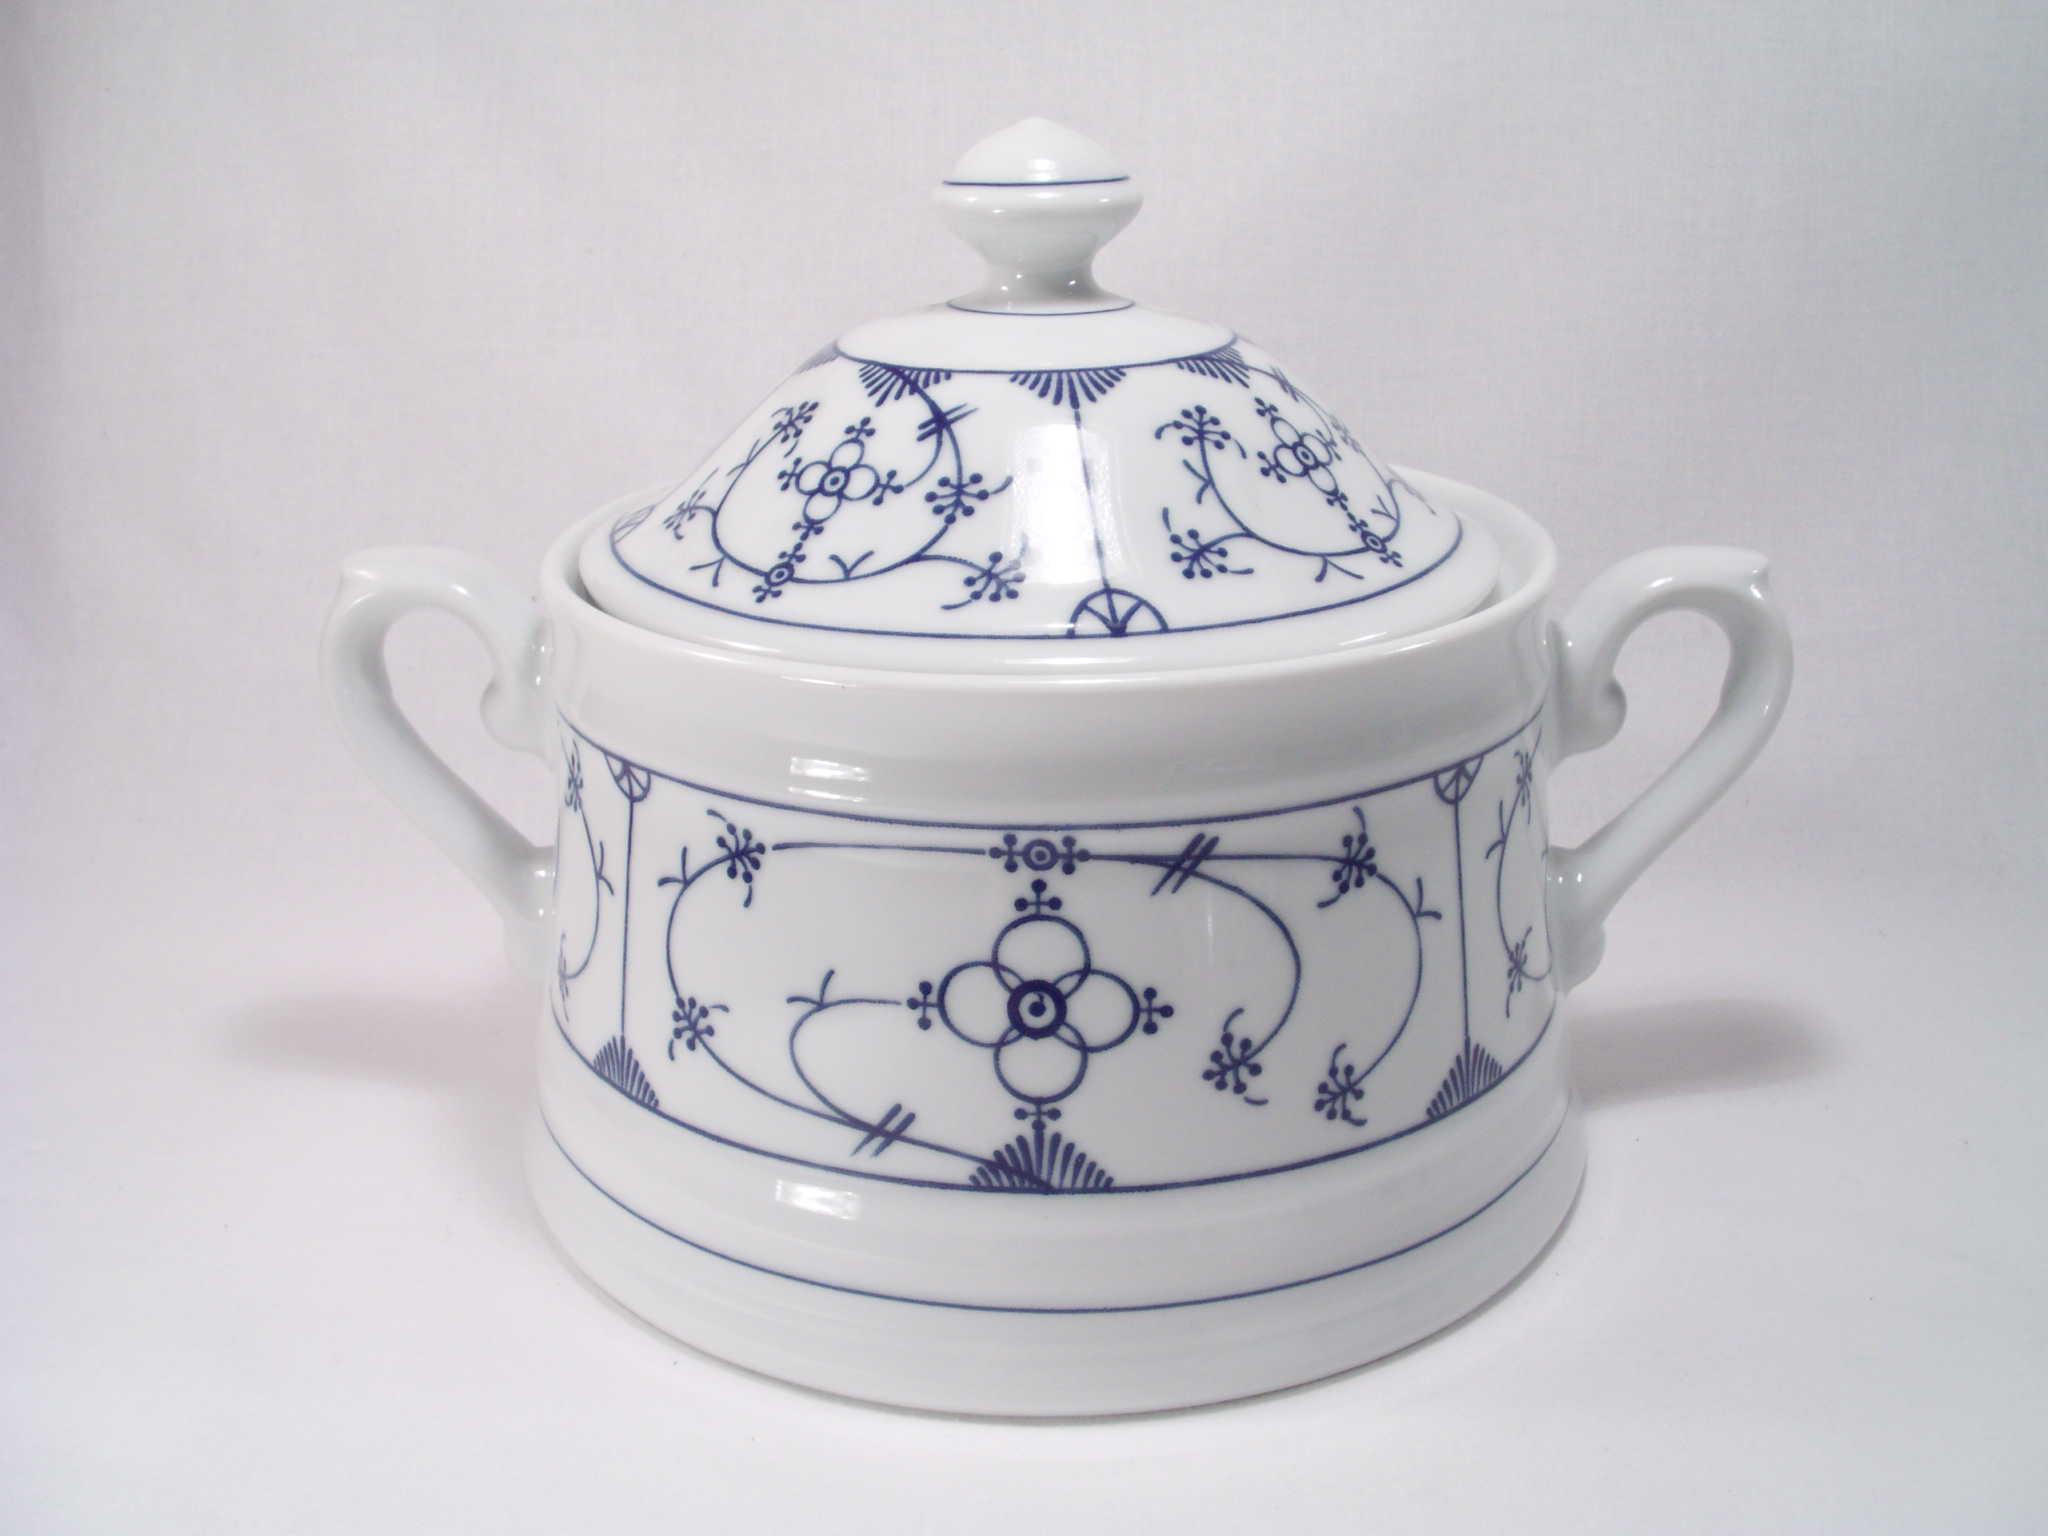 sch ssel ragout 1 5 winterling indischblau indisch blau triptis porzellan zwiebelmuster. Black Bedroom Furniture Sets. Home Design Ideas